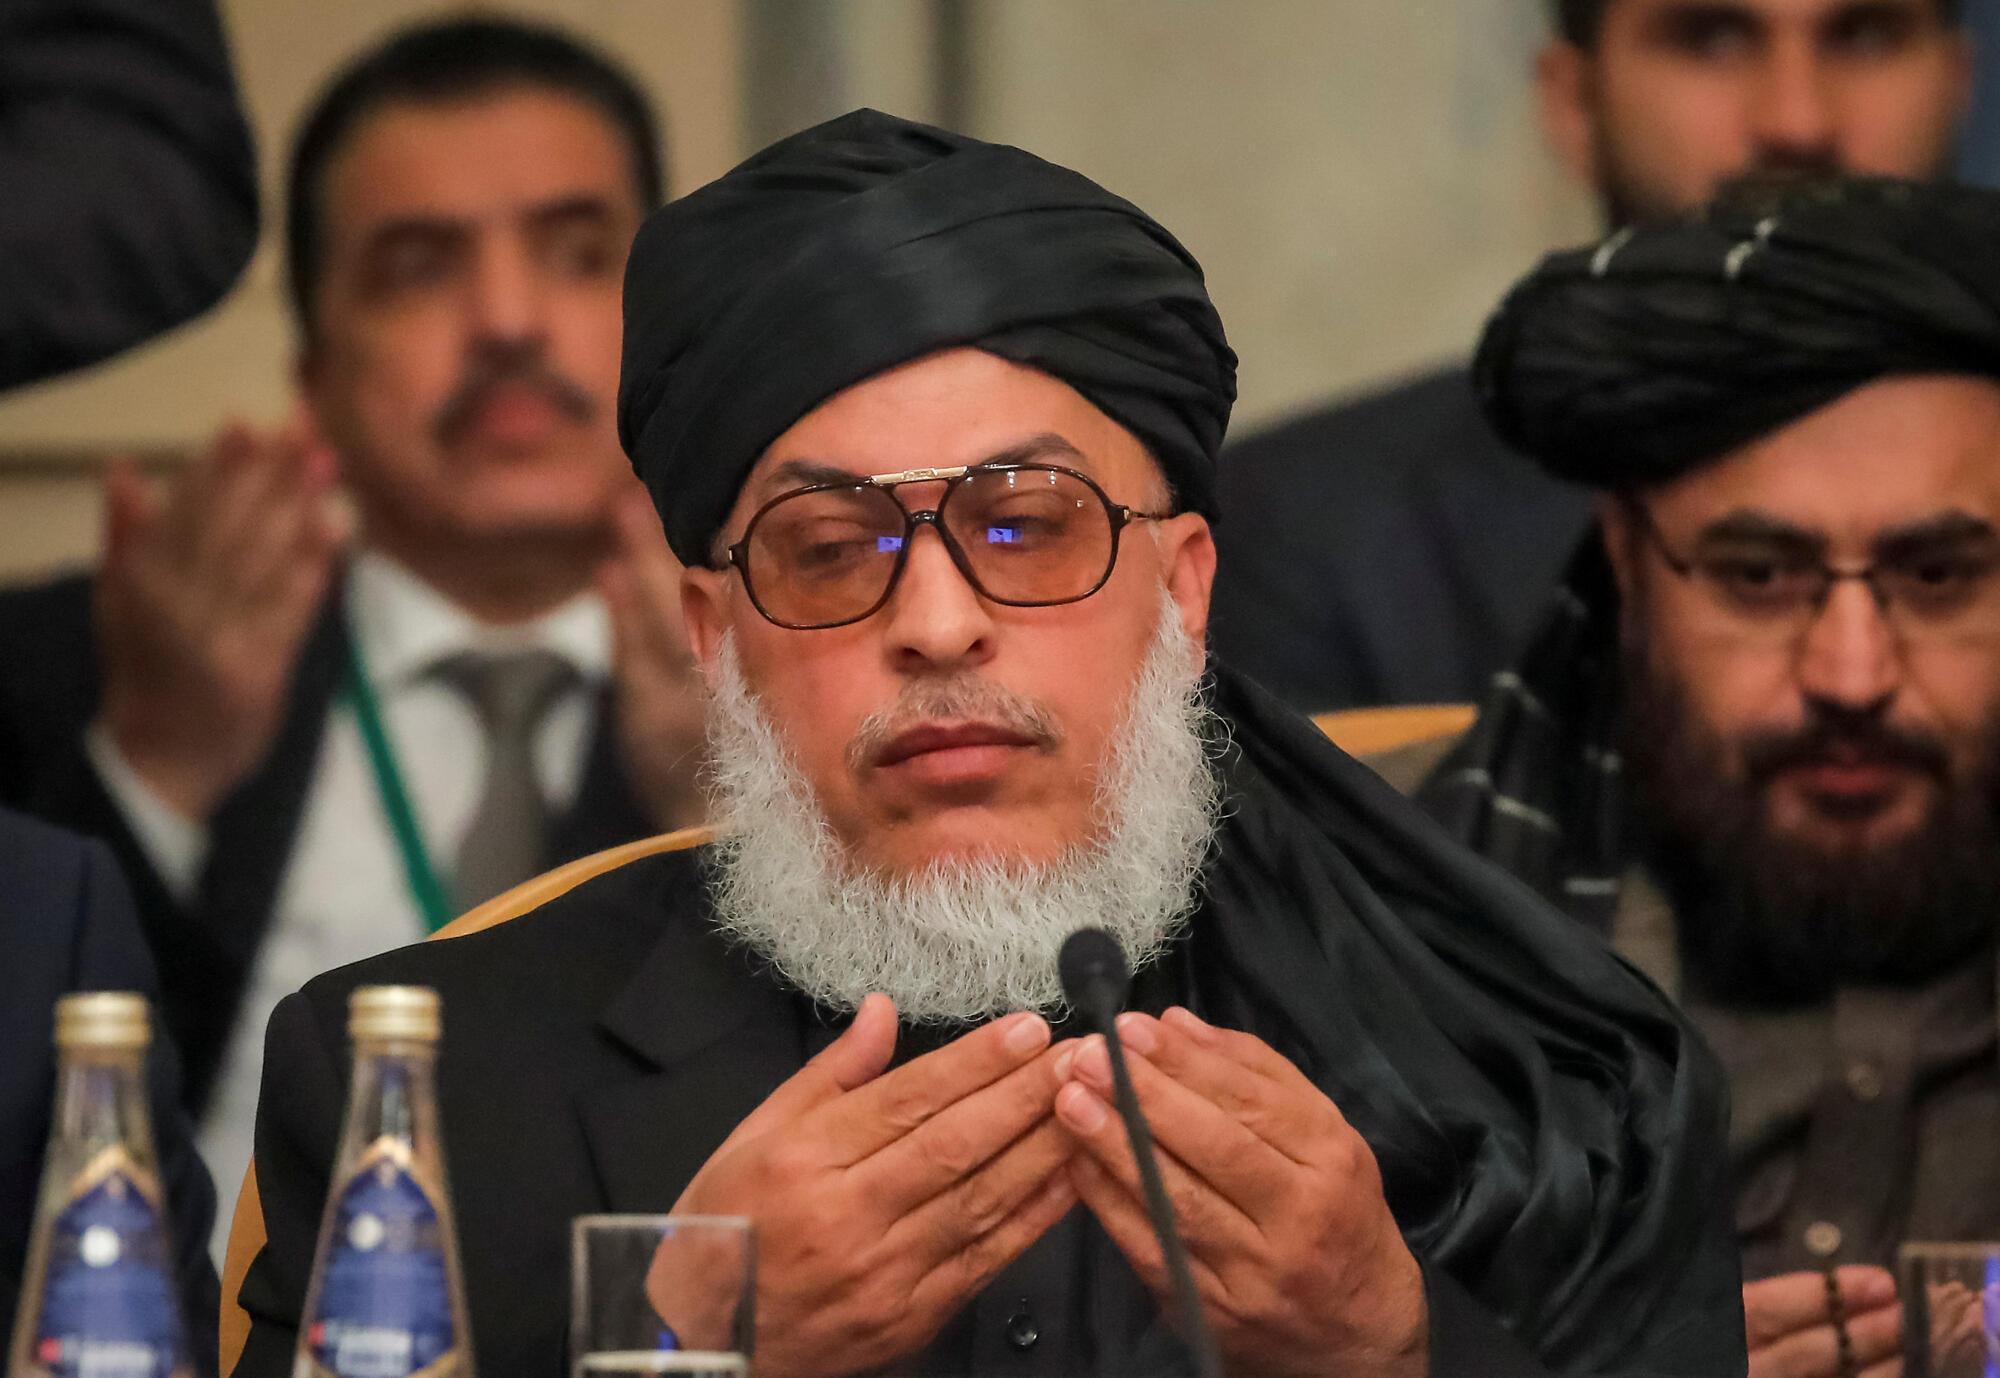 """""""عباس استانکزی"""" رهبر هیأت طالبان در مذاکرات مسکو، از جمله ۱۴ عضوی است که در لیست هیئت گفتگوکننده طالبان برای پیشبرد گفتگوهای صلح معرفی شده است."""